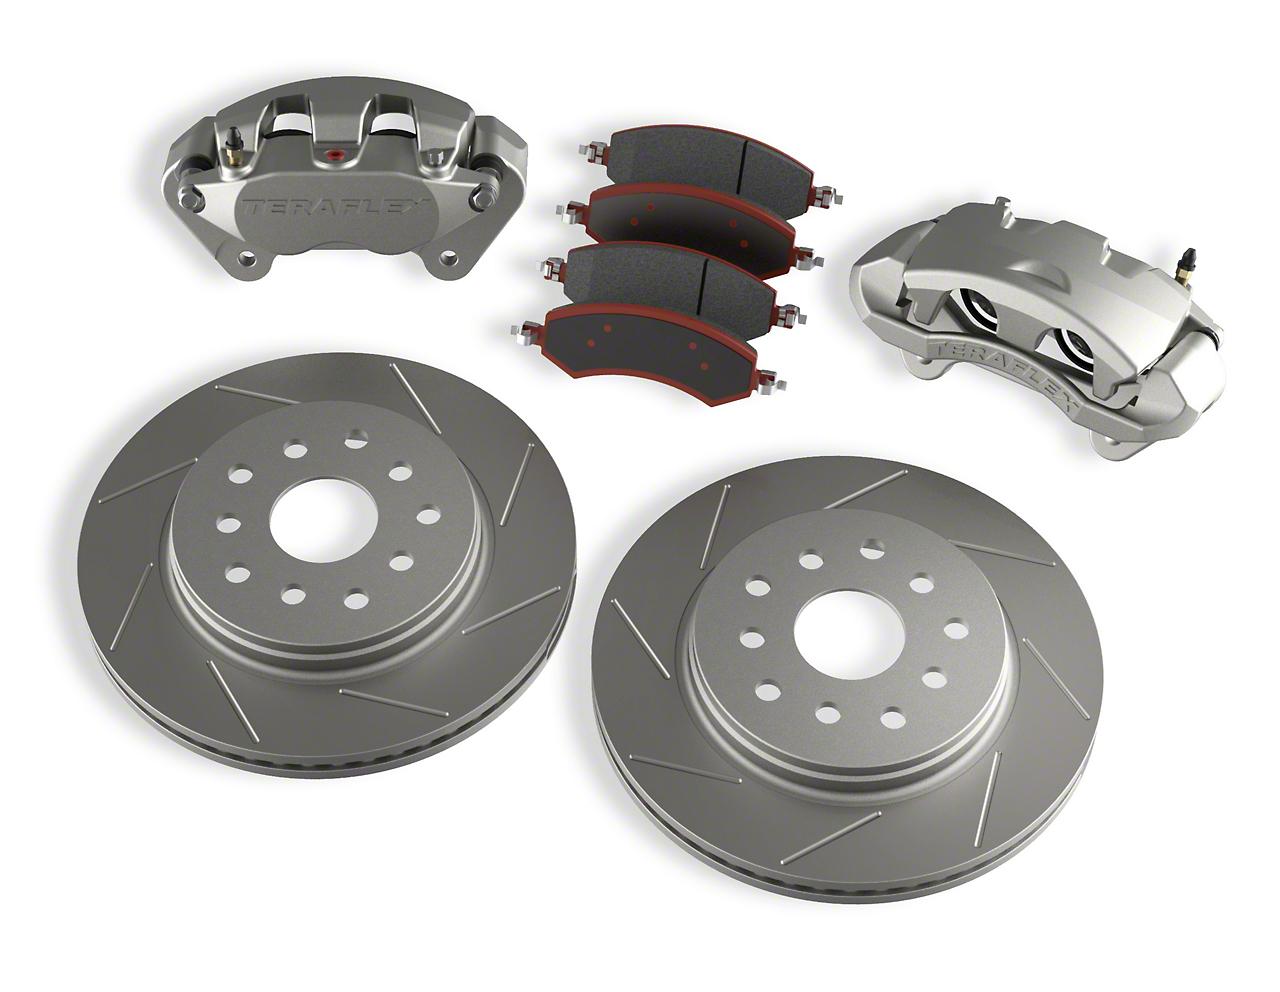 Teraflex Front Big Brake Kit w/ 13.3 in. Vented Slotted Rotors (07-18 Jeep Wrangler JK)